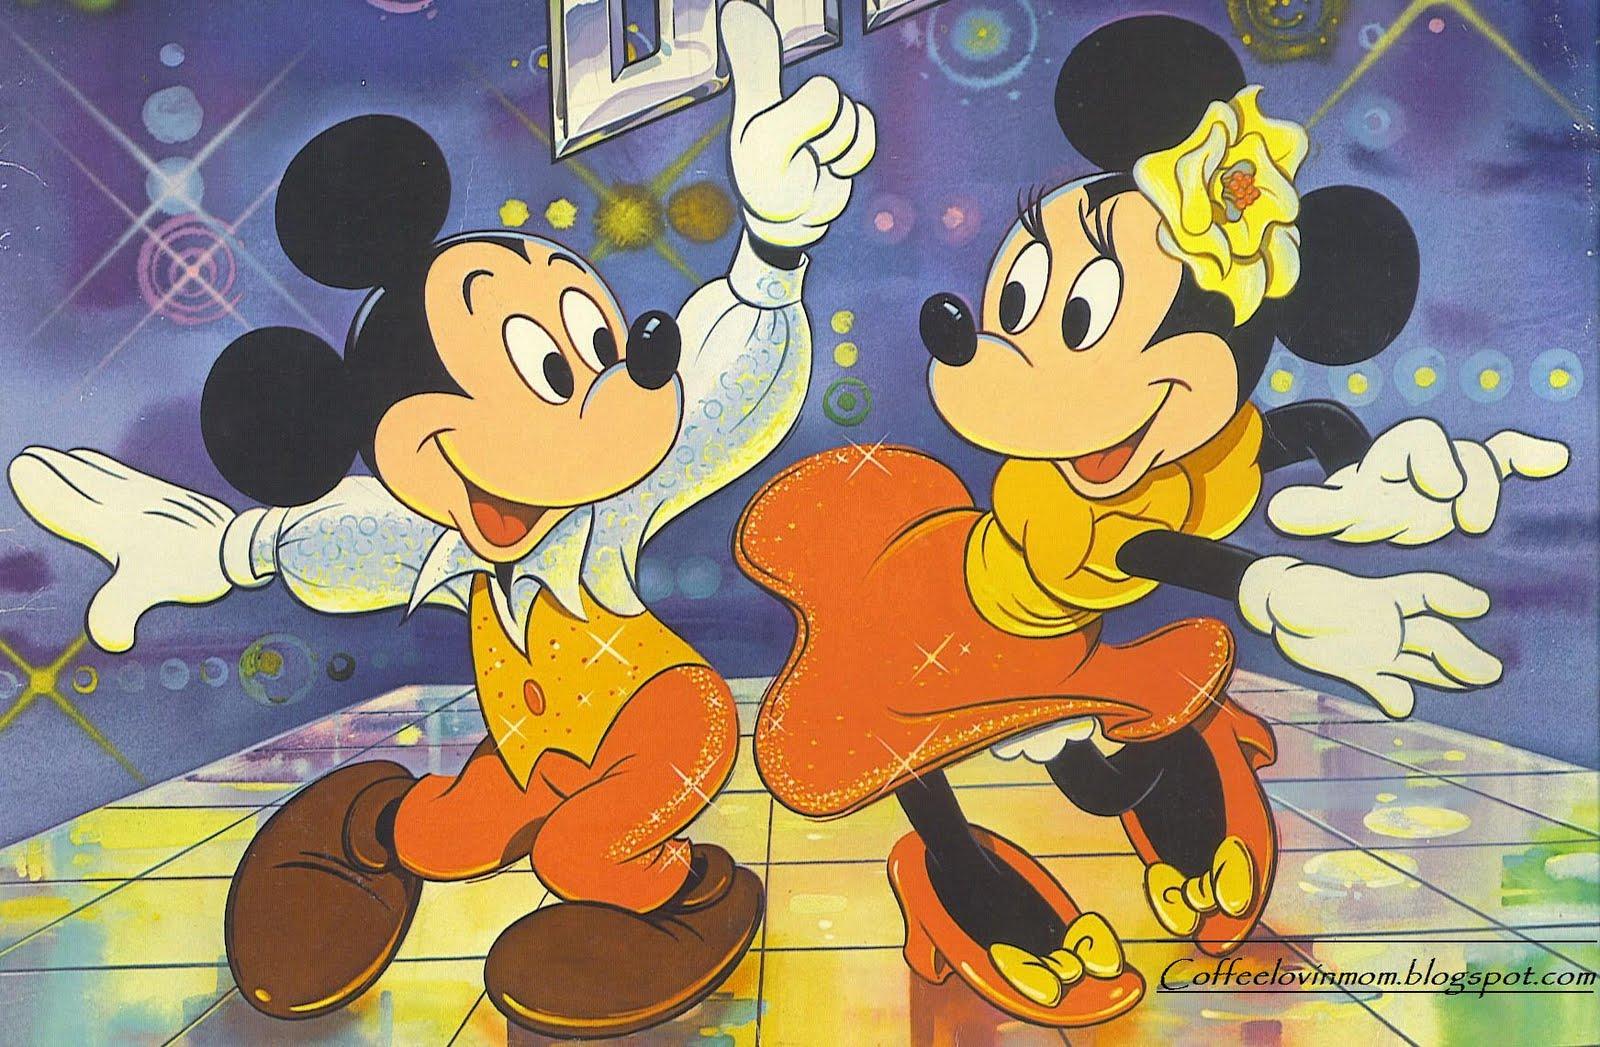 http://2.bp.blogspot.com/-uiE-ds9Jg9I/TZ3sDcvlUXI/AAAAAAAAAnw/vNTRhdpn-Zk/s1600/MickeyMousedisco3.jpg